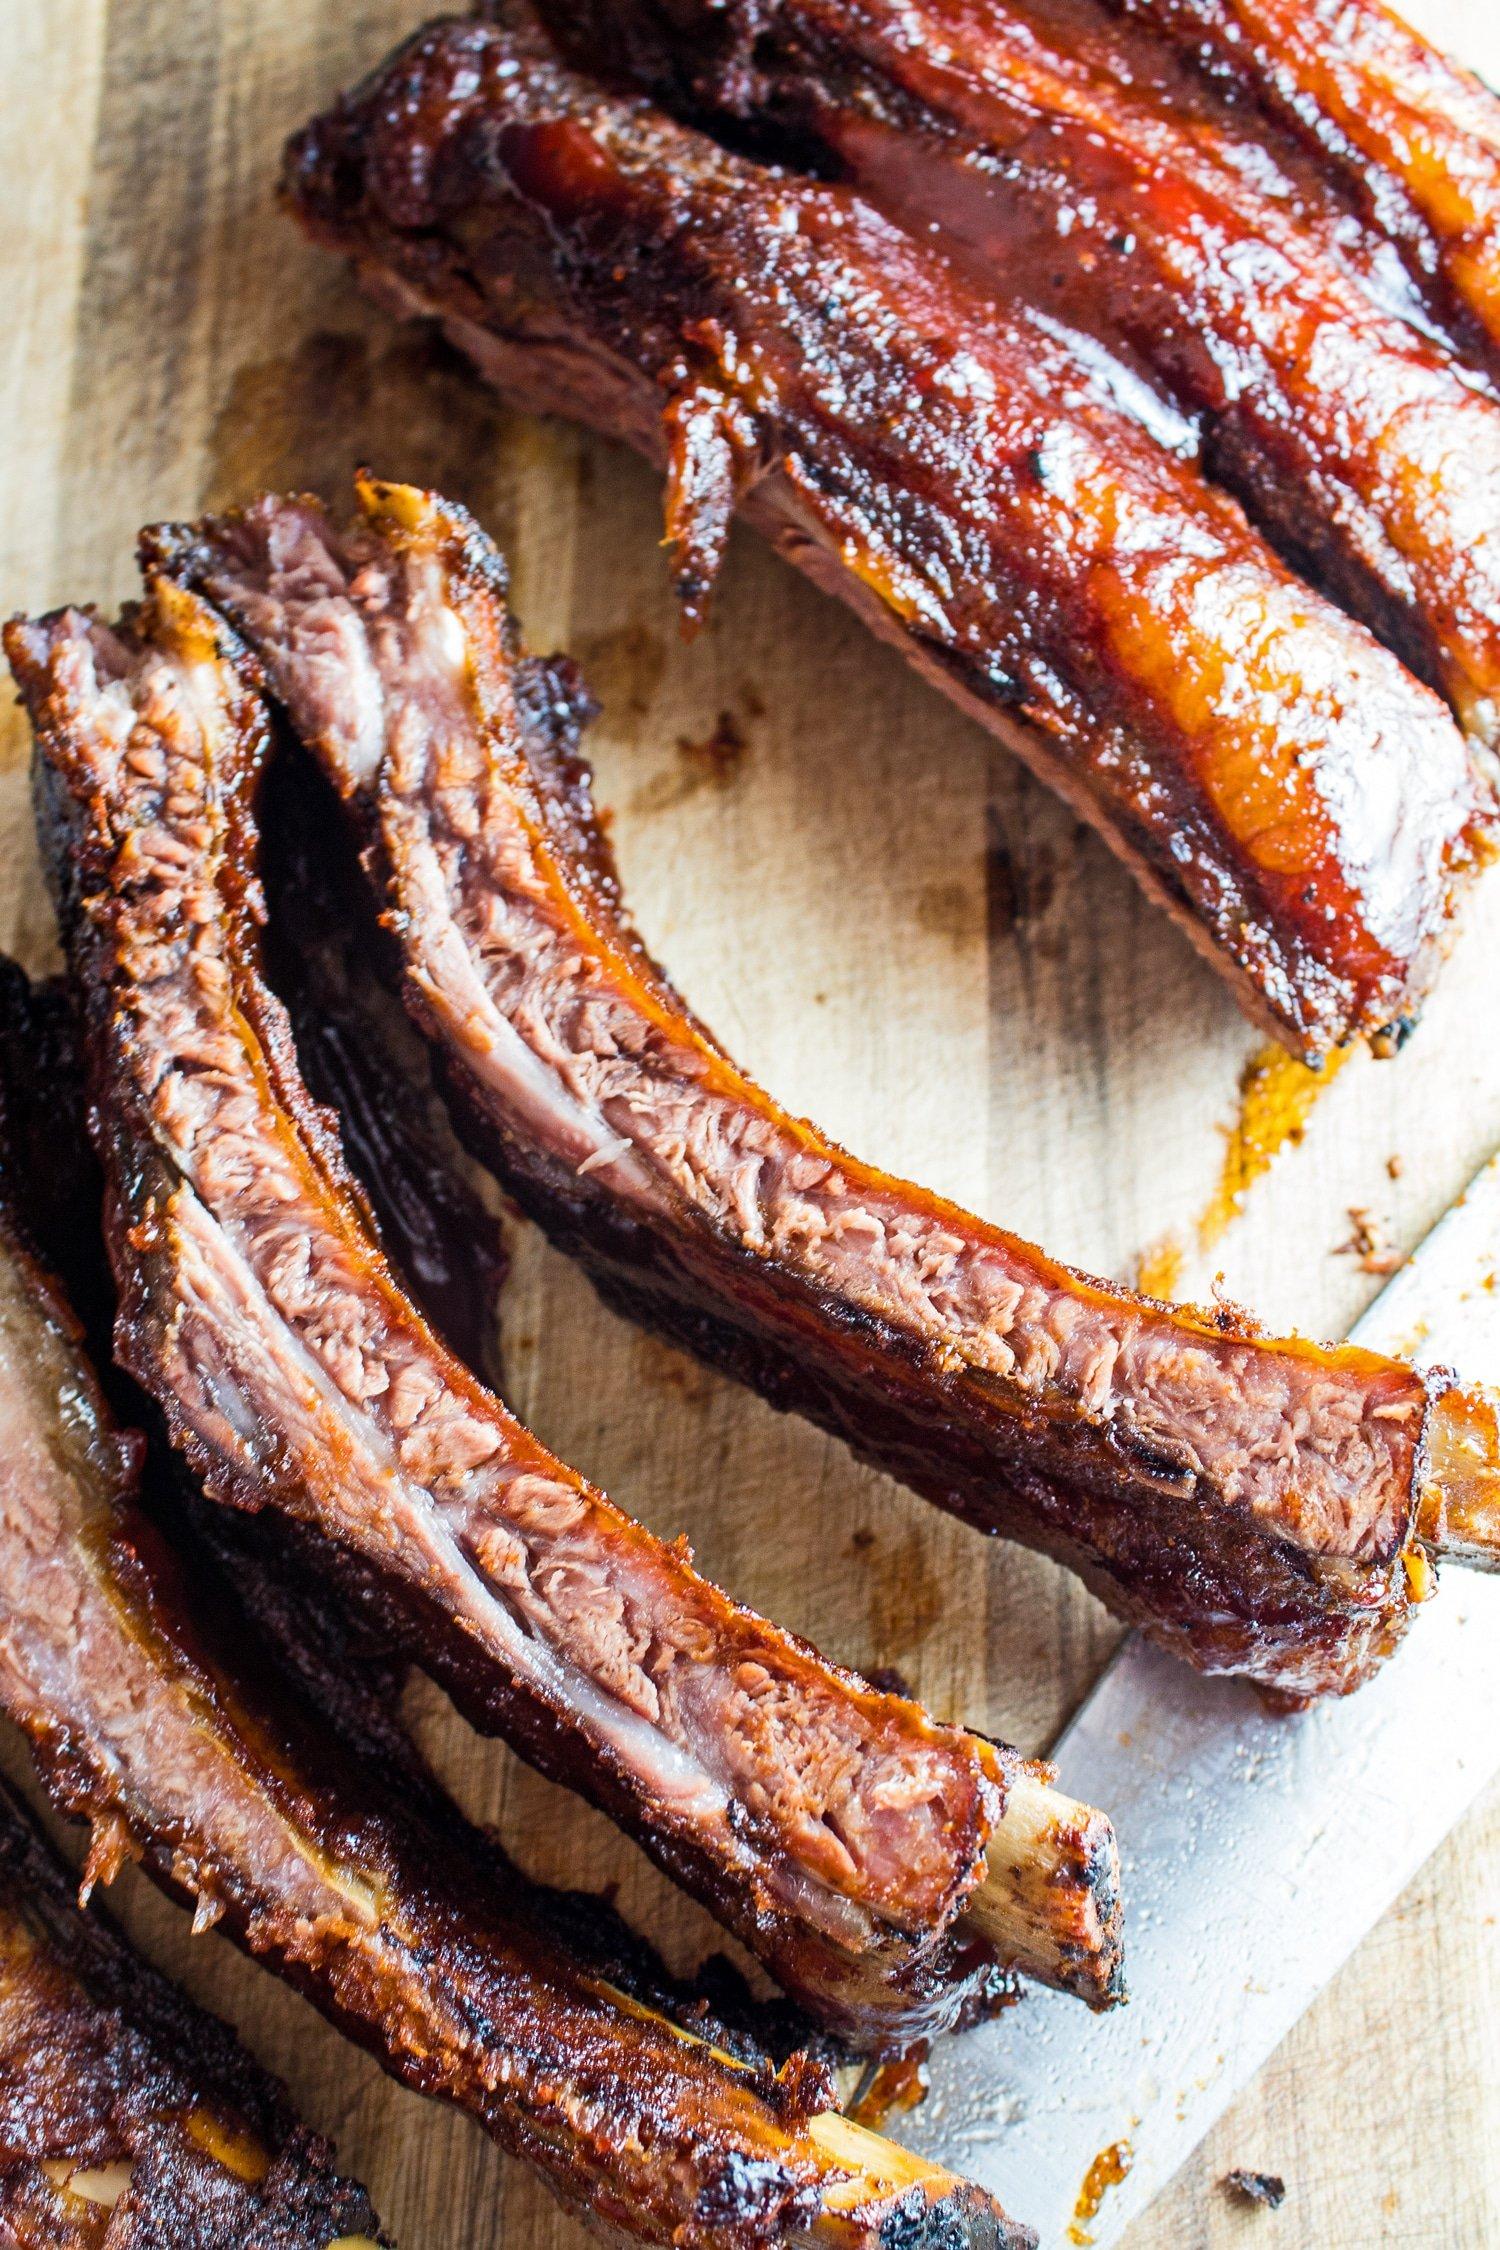 صورة علوية طويلة للضلوع الخلفية من لحم البقر المدخن مقطعة وجاهزة للتقديم.